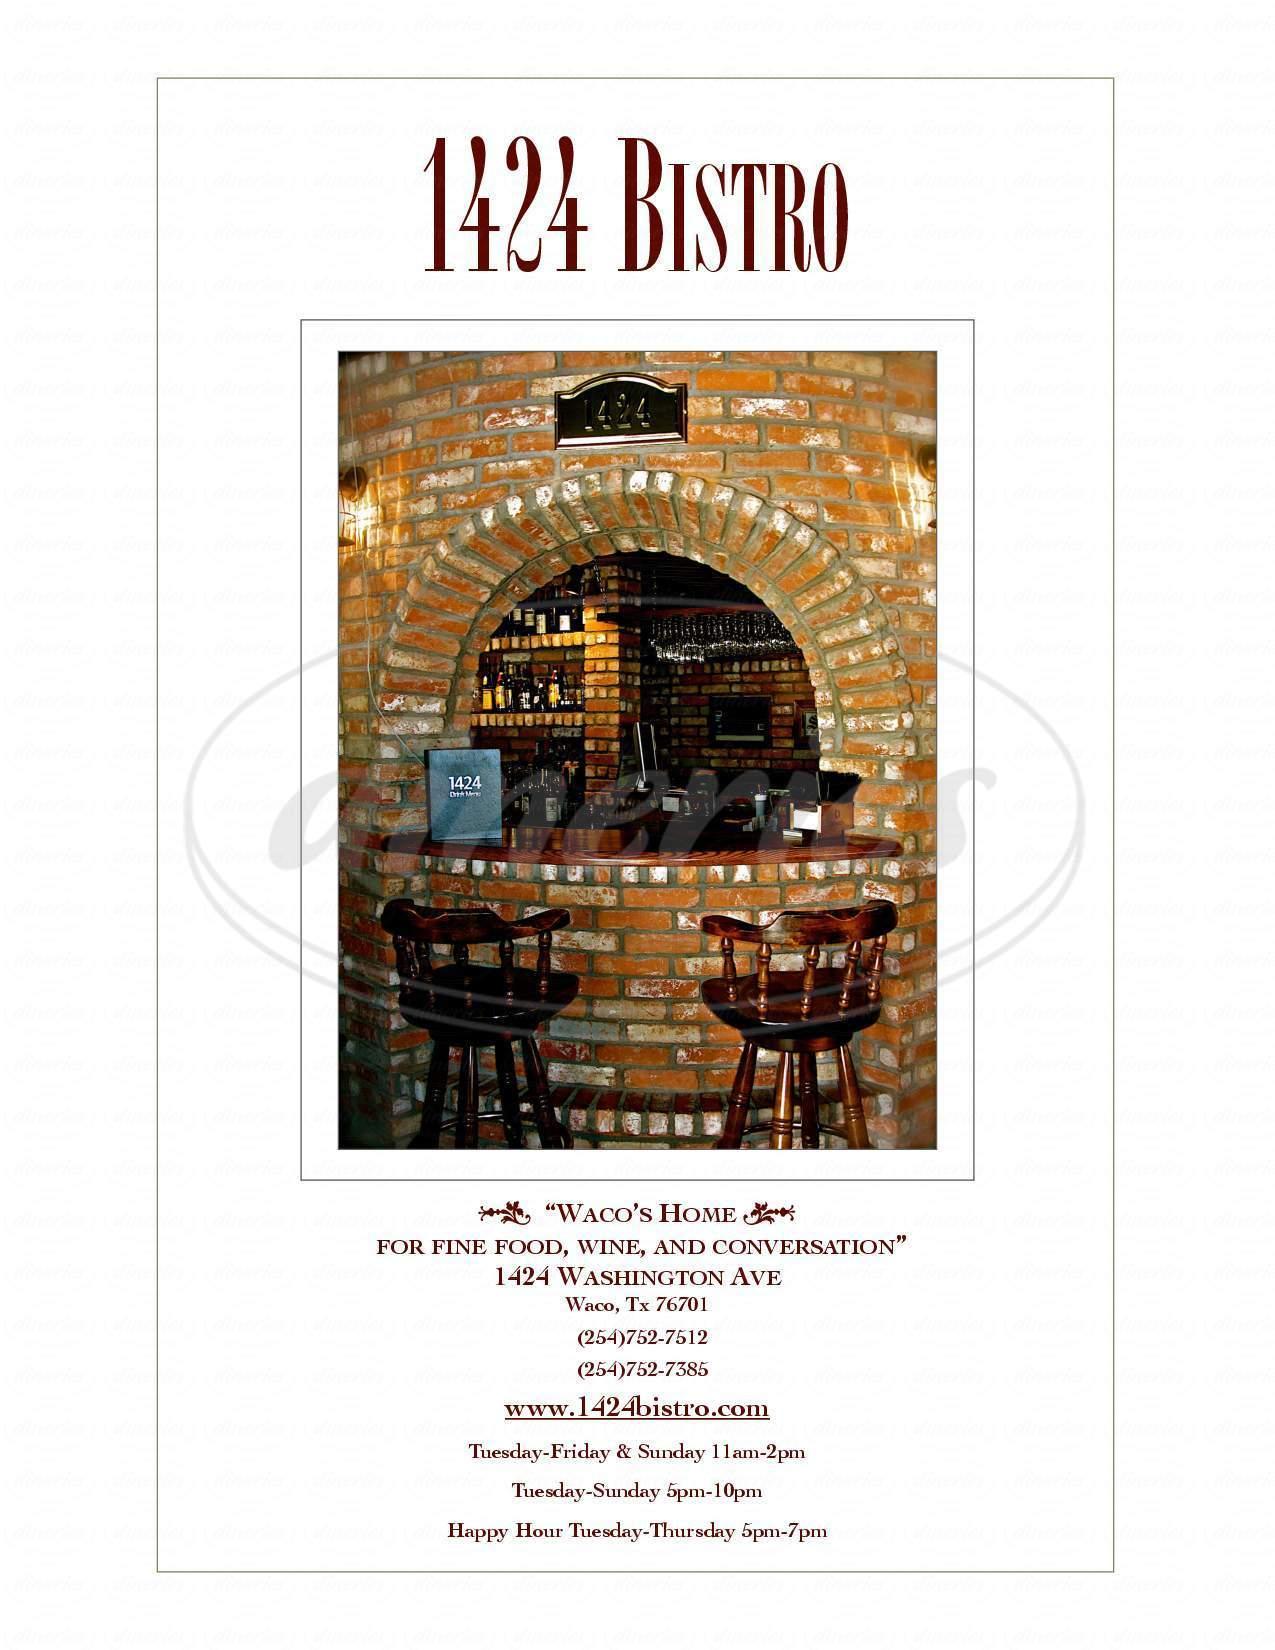 menu for 1424